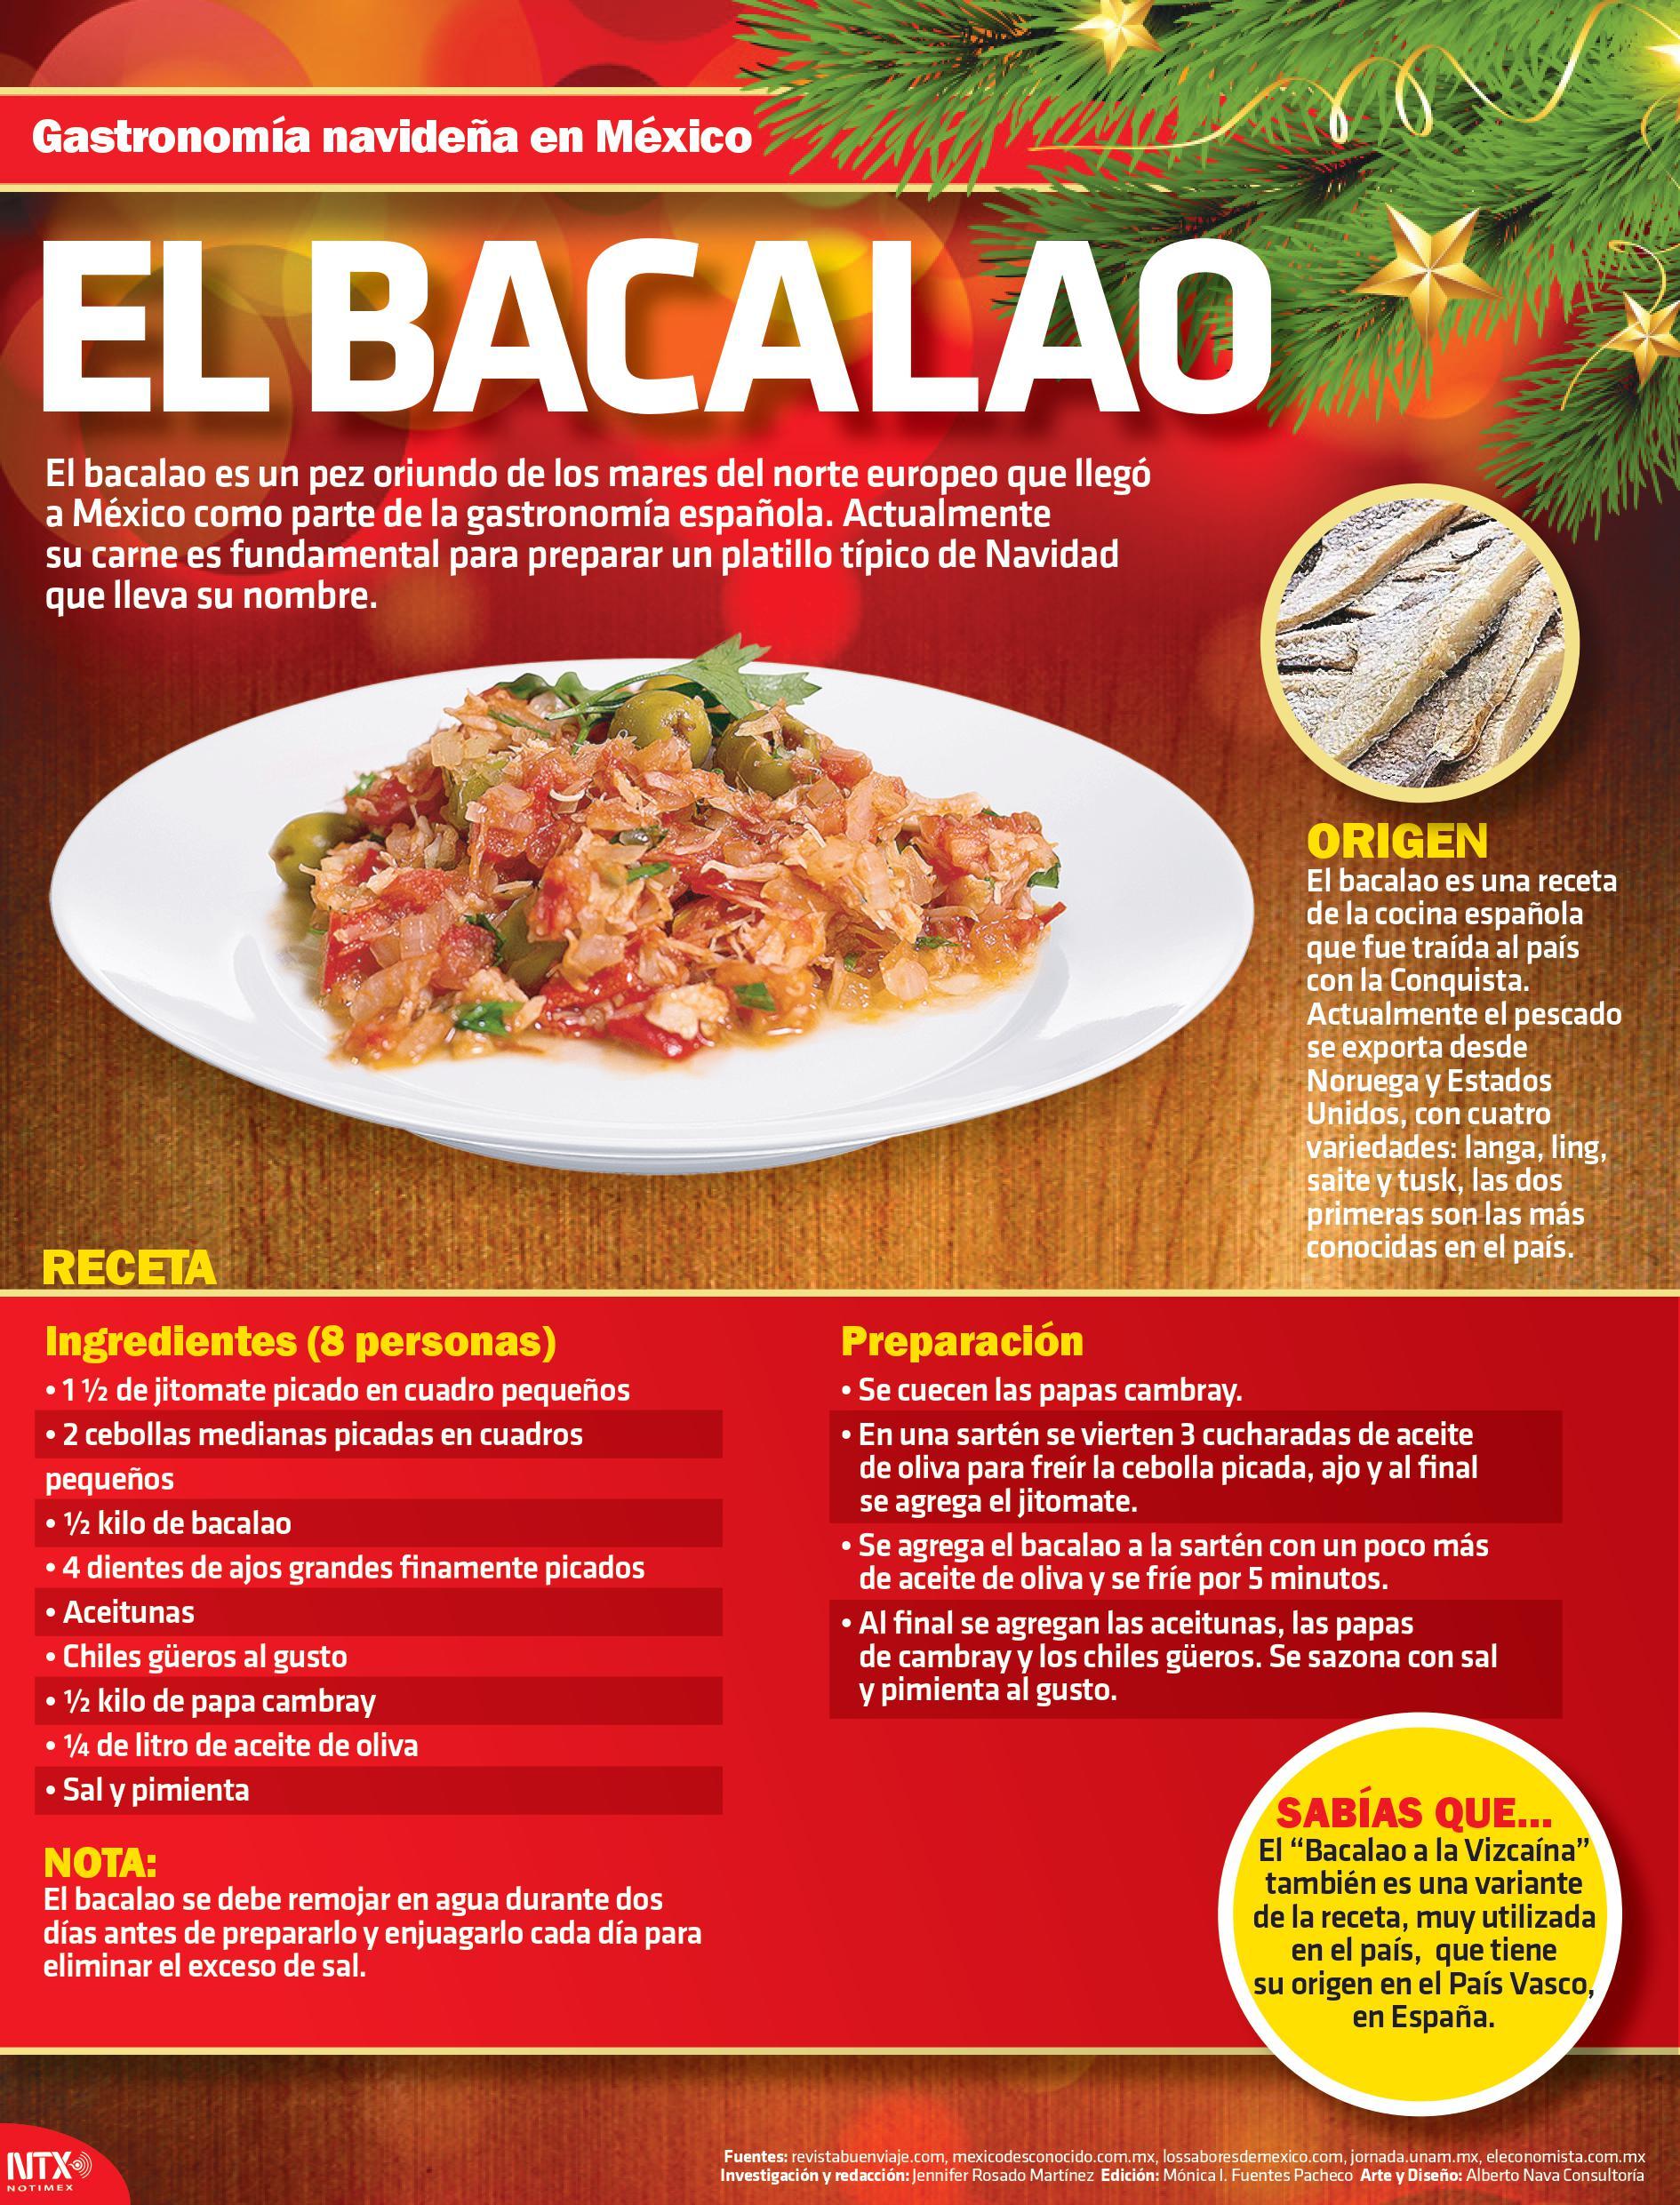 Infograf a gastronom a navide a en m xico el bacalao - Cocina navidena espanola ...